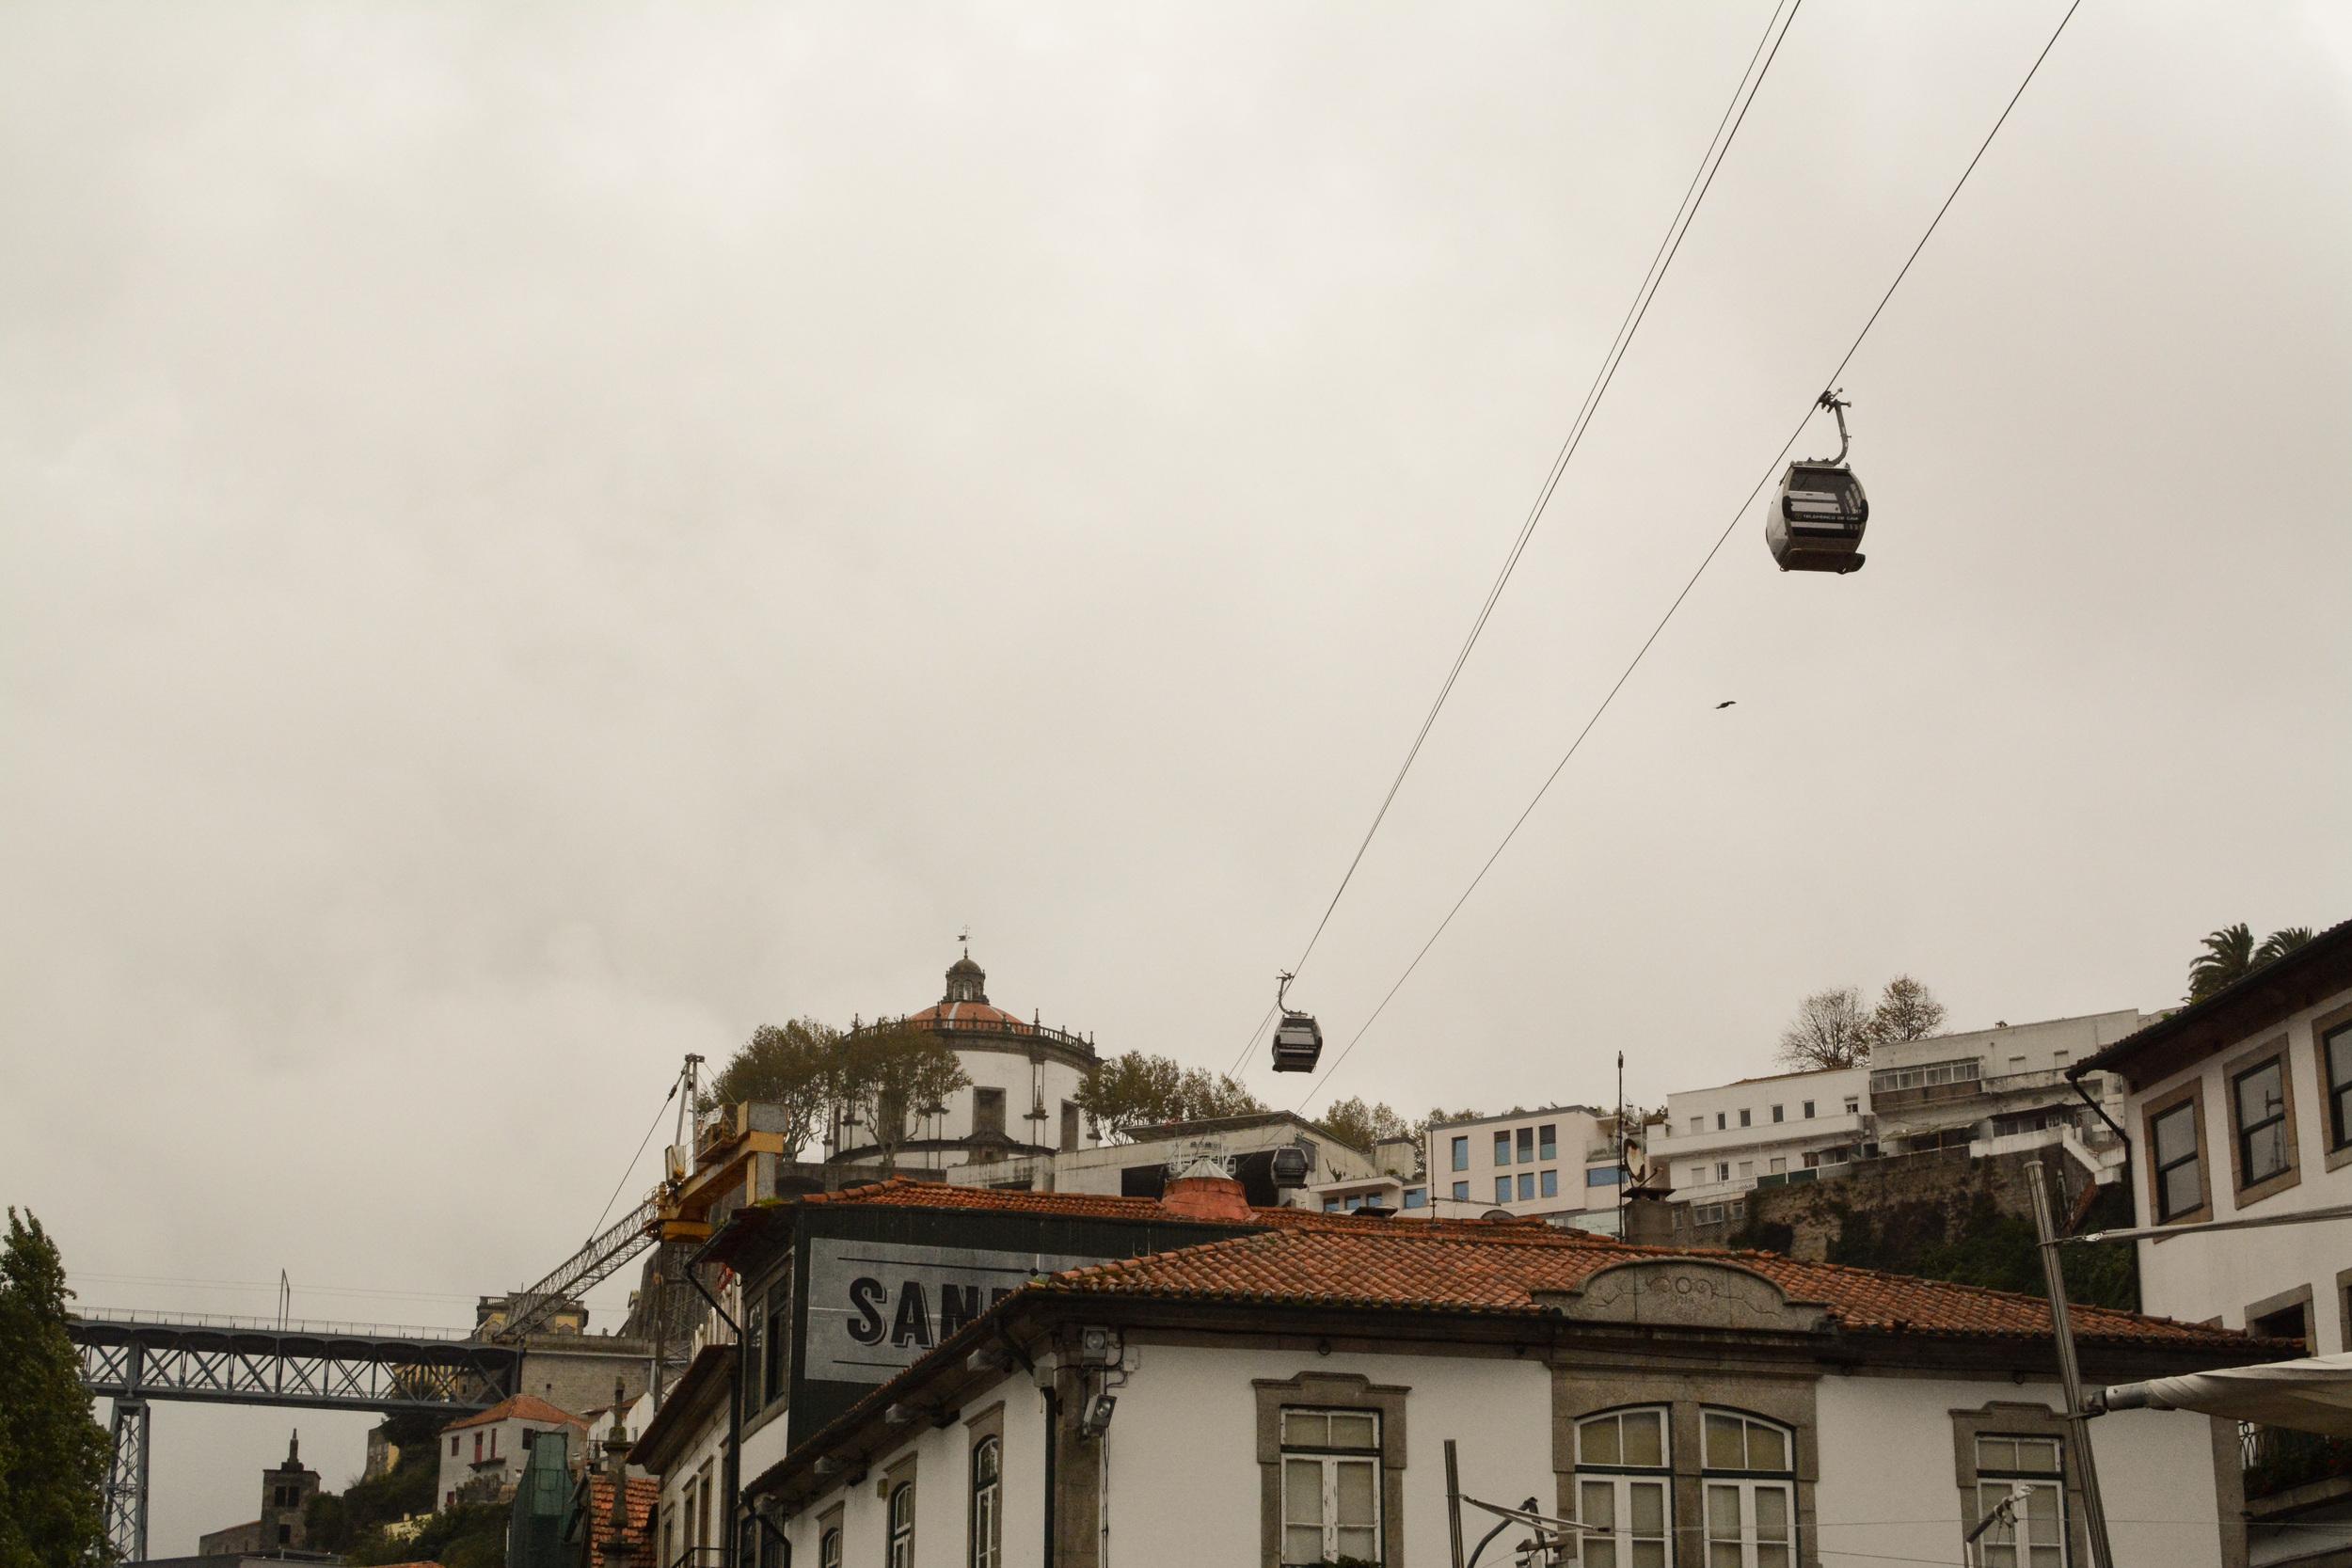 Porto, Portugal  October 2015